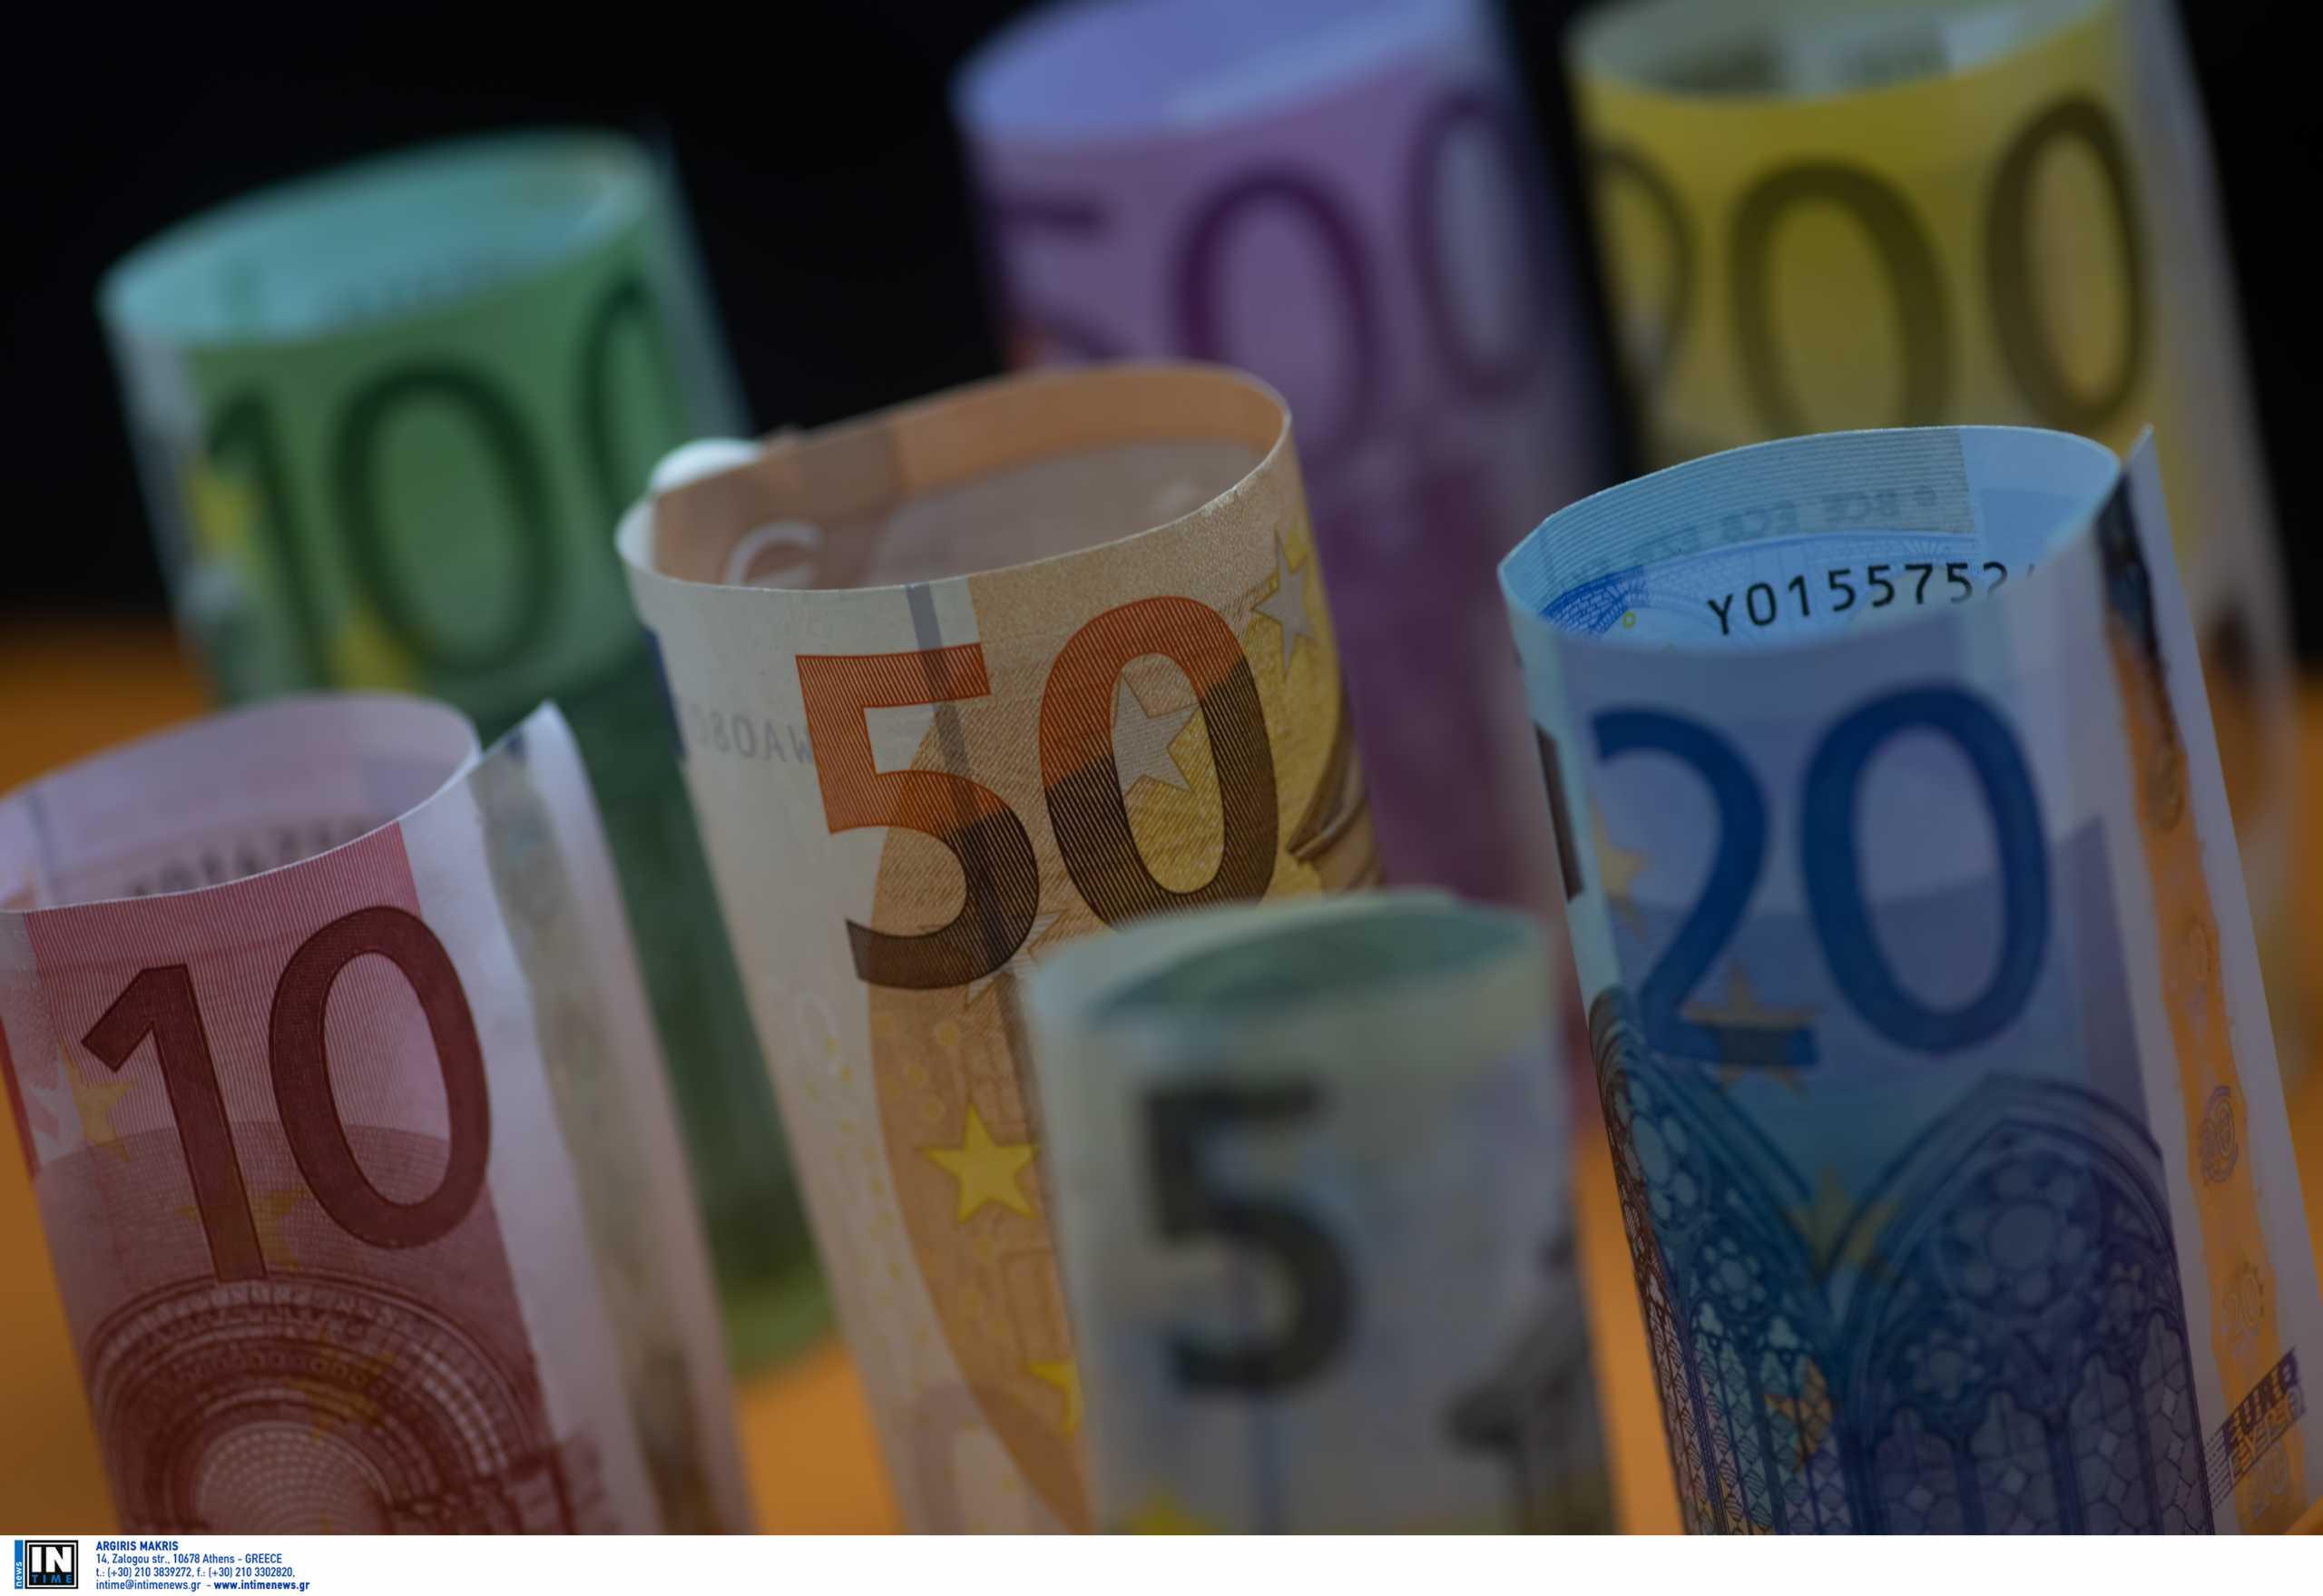 Επιδοτούμενο δάνειο 793 εκατομμυρίων για την Ελλάδα εγκρίνει η Ευρωπαϊκή Επιτροπή